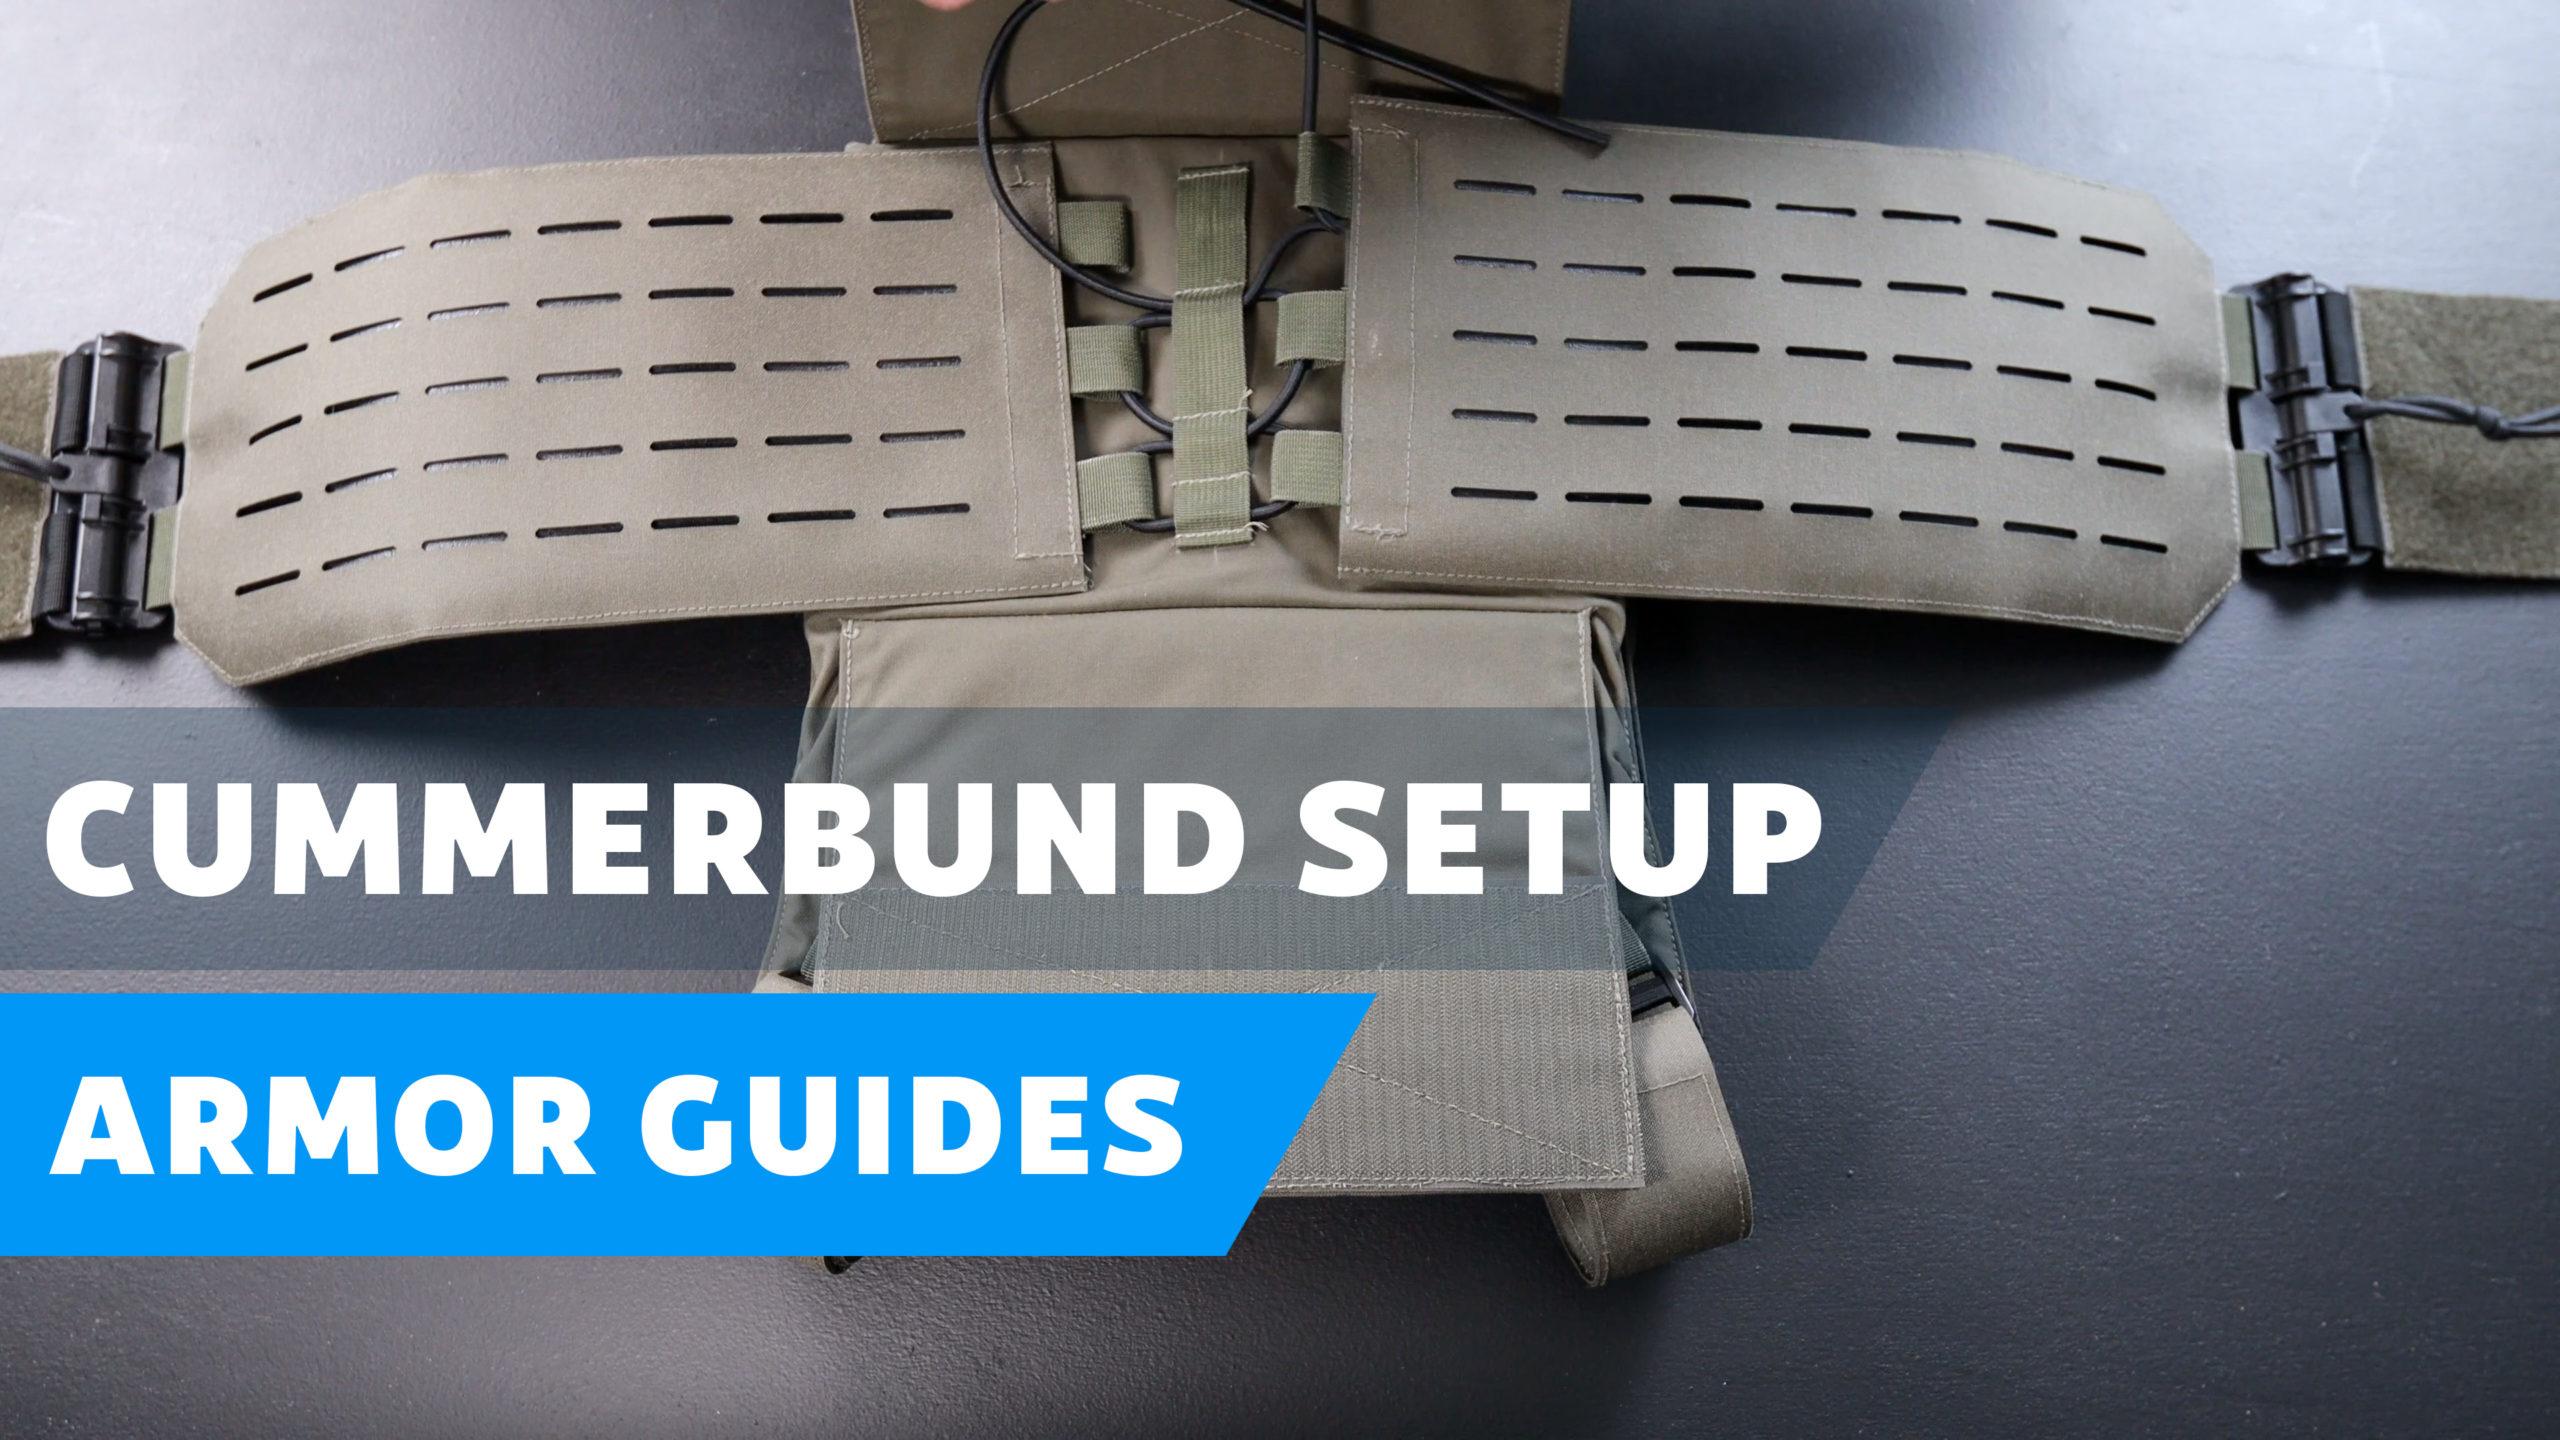 How to Setup a Cummerbund